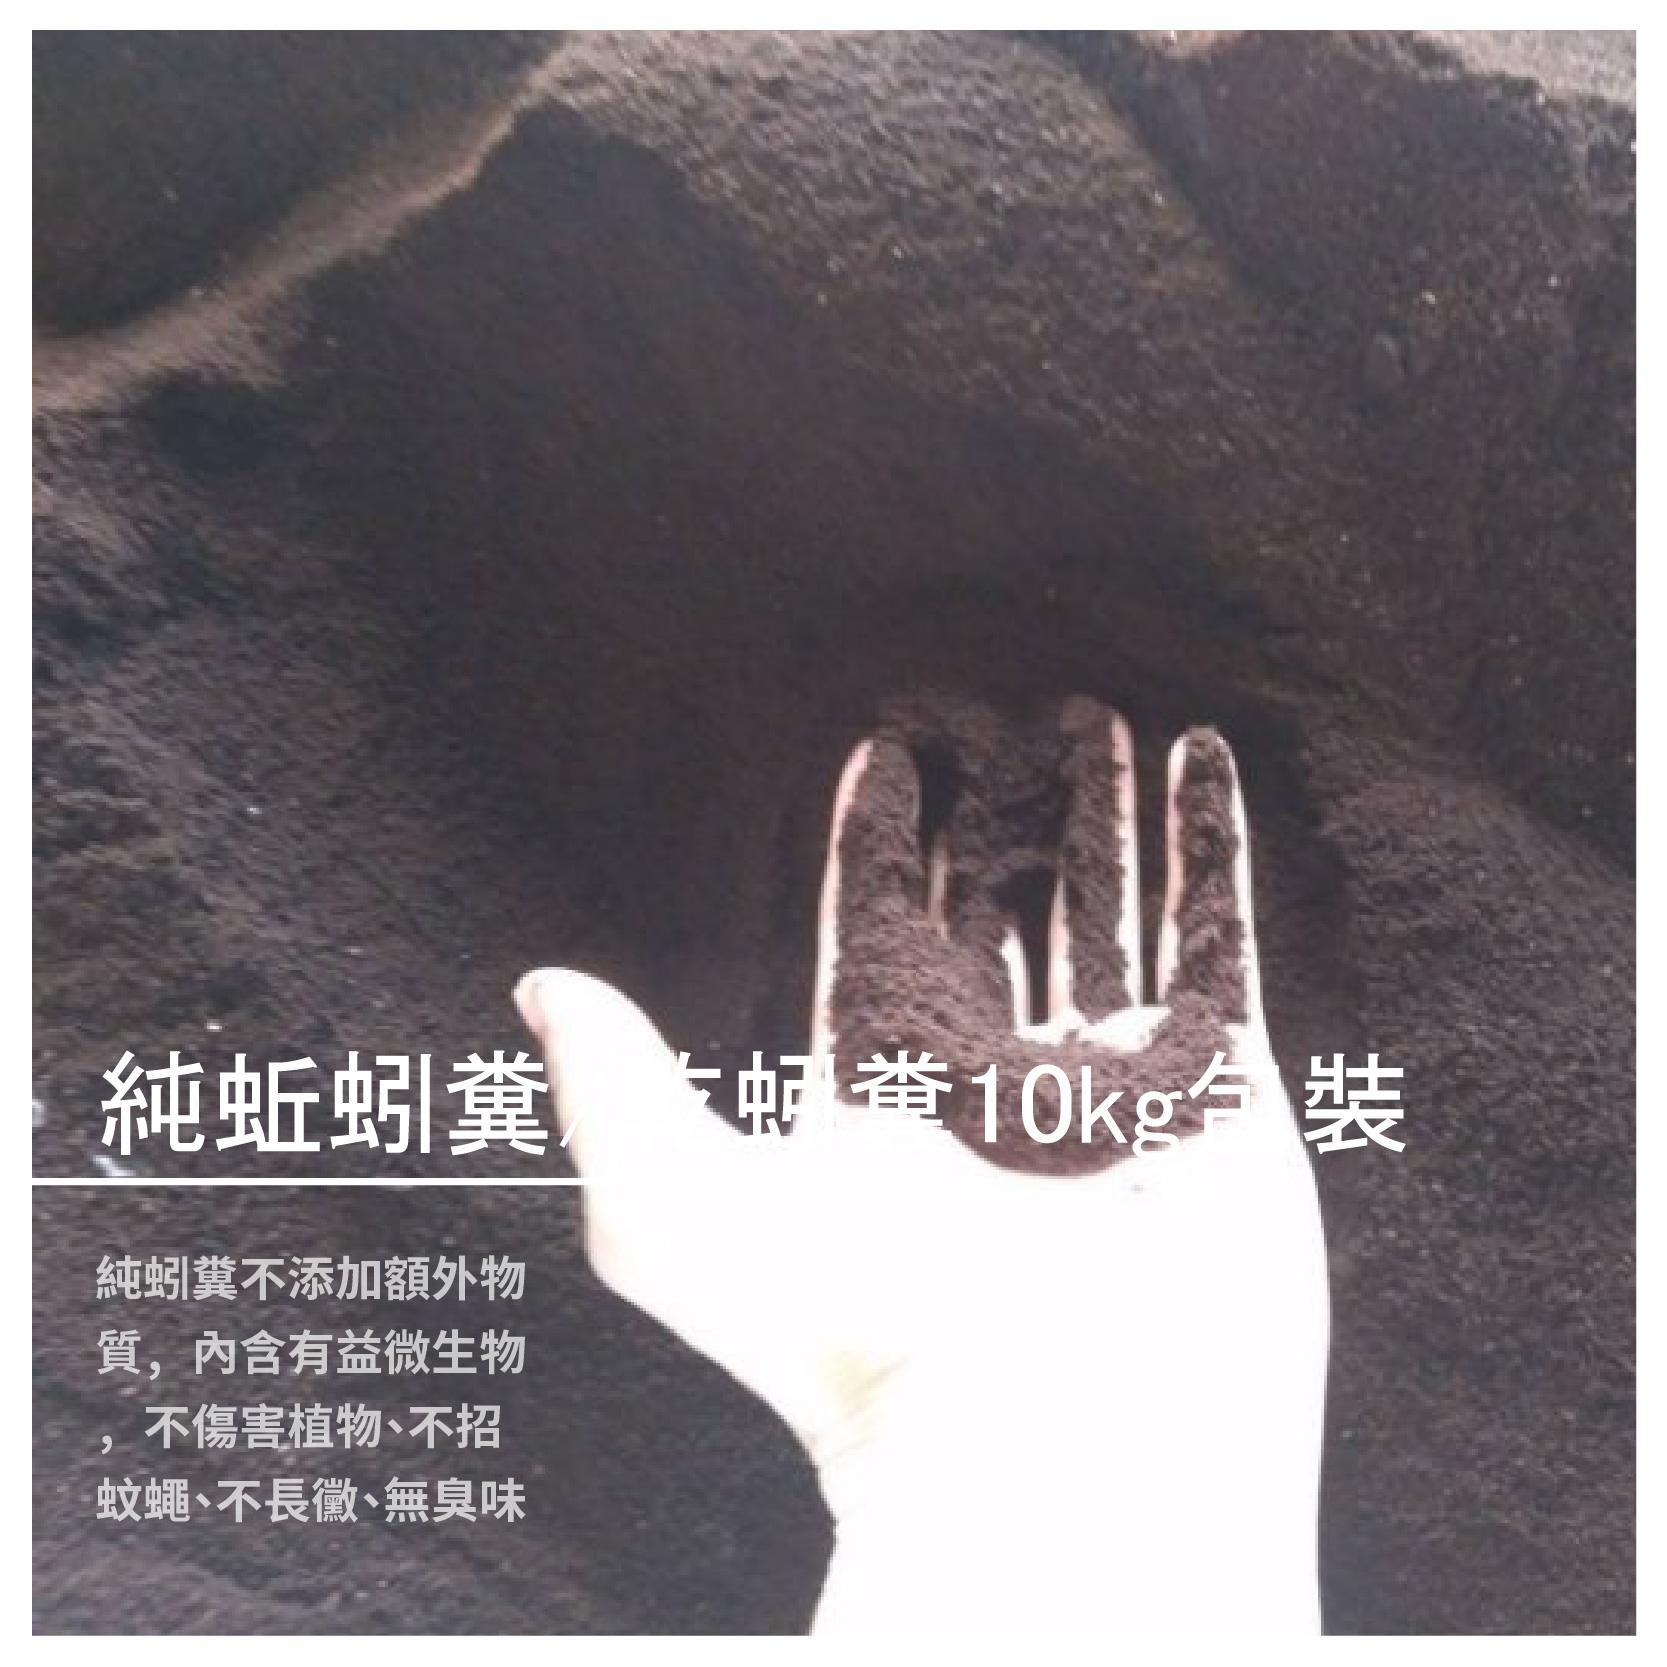 【天然呆紅蚯蚓推廣】純蚯蚓糞/乾蚓糞10kg包裝※限購3包